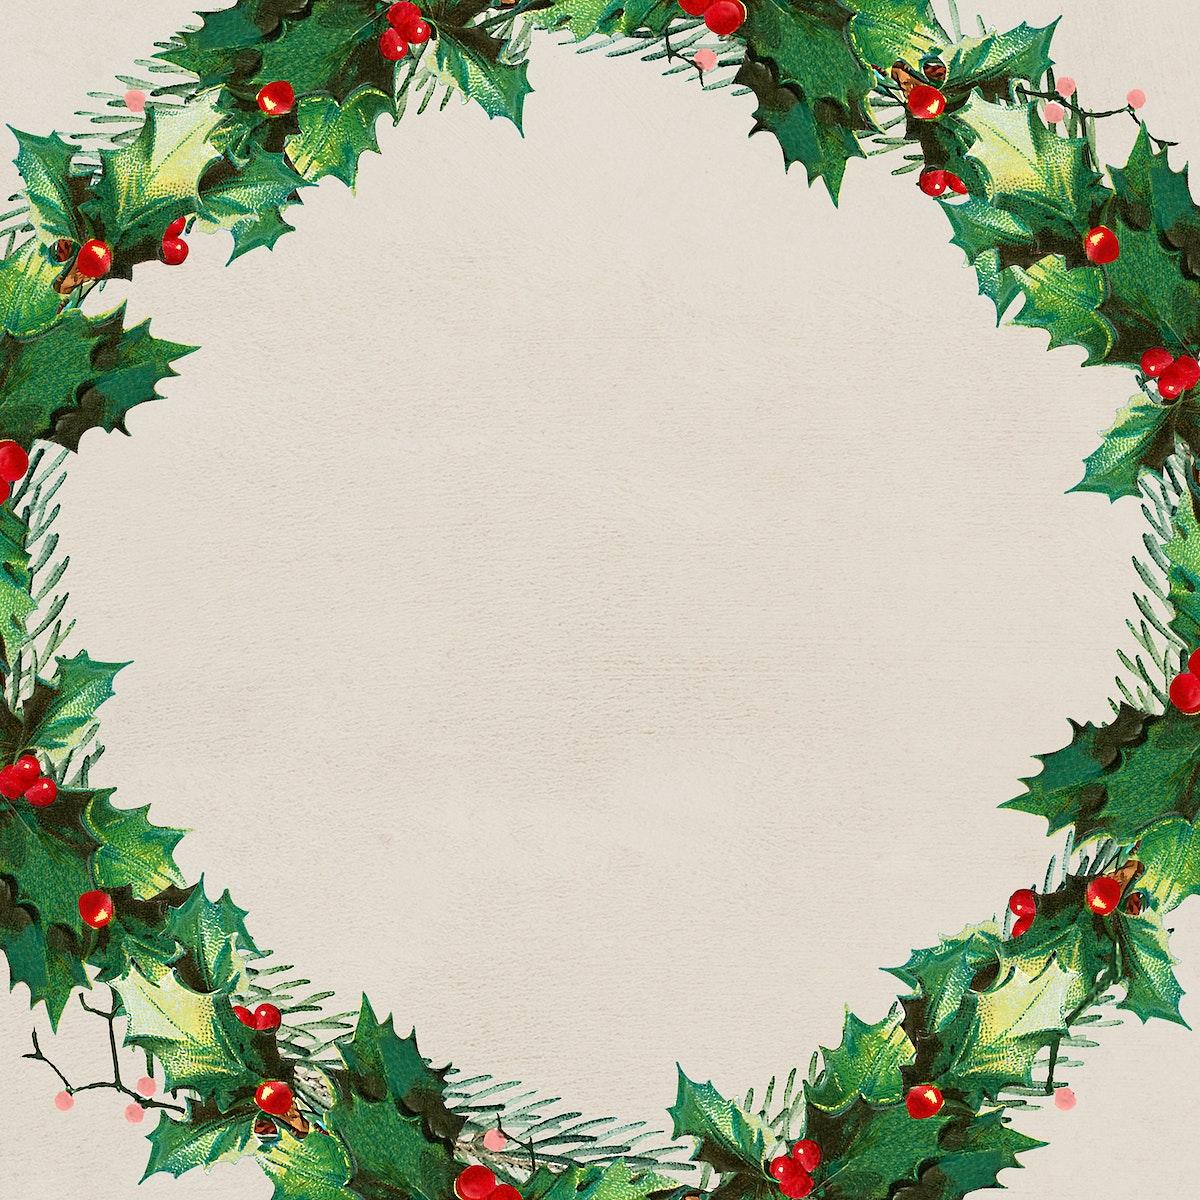 Blank festive christmas wreath social ads template vector